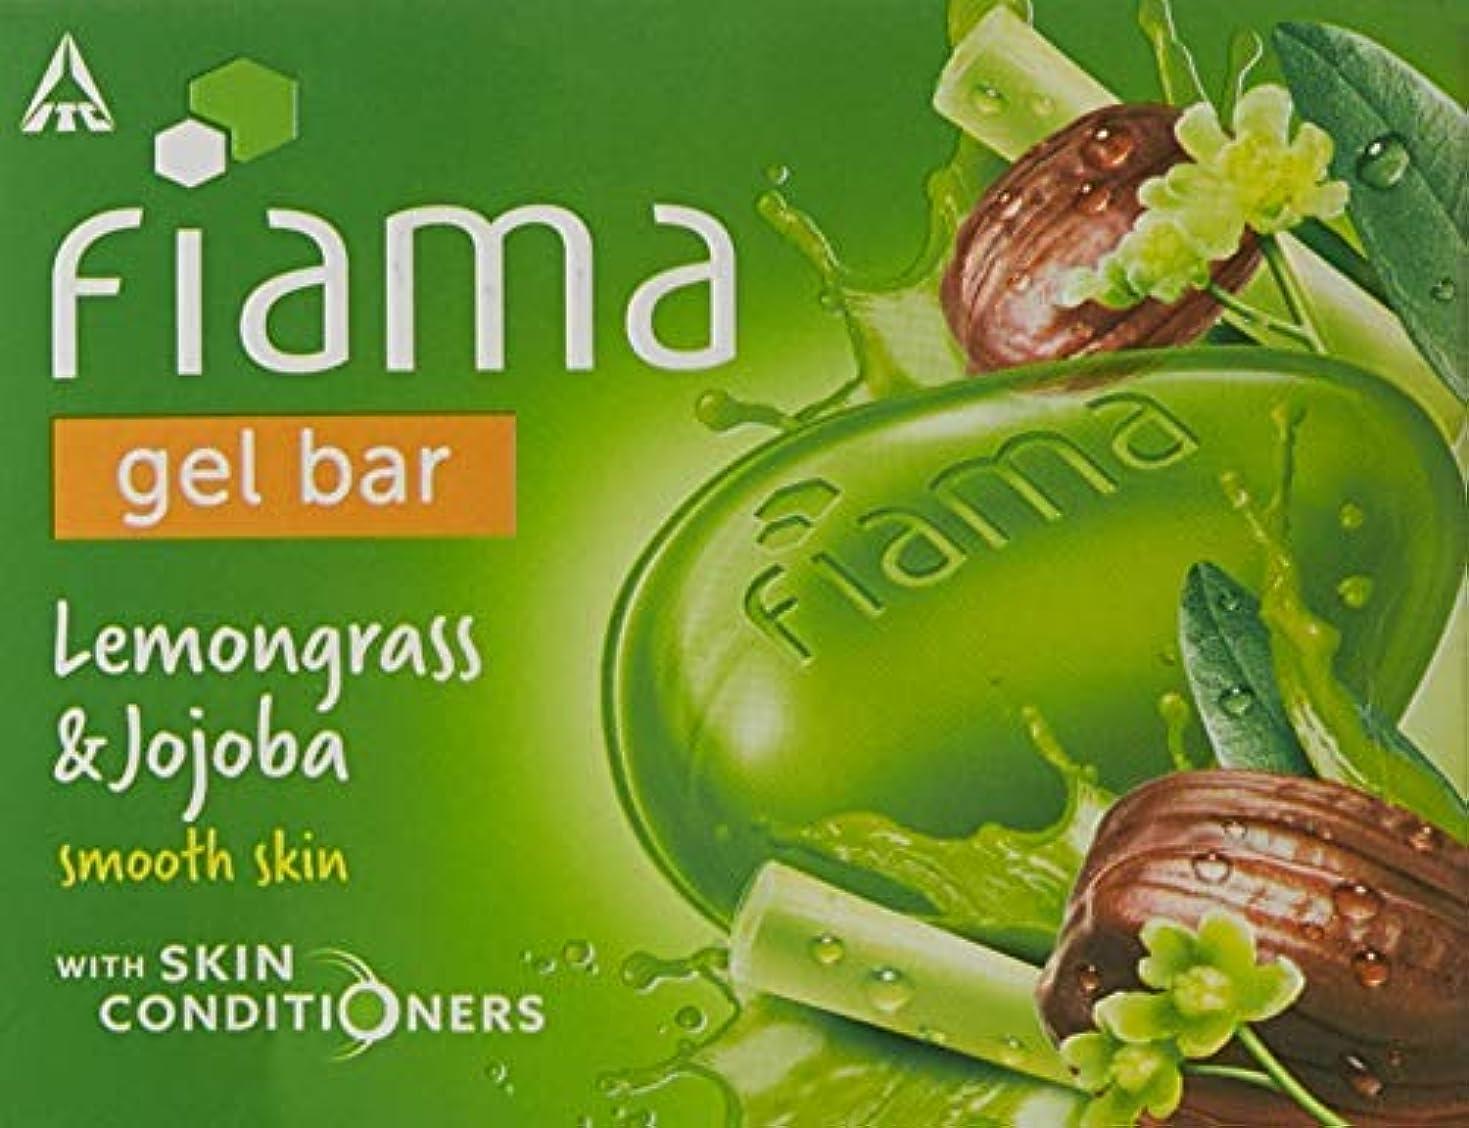 続けるポータブル歩くFiama Di Wills Lemongrass & Jojoba Gel Bar, 125g (Pack Of 3)